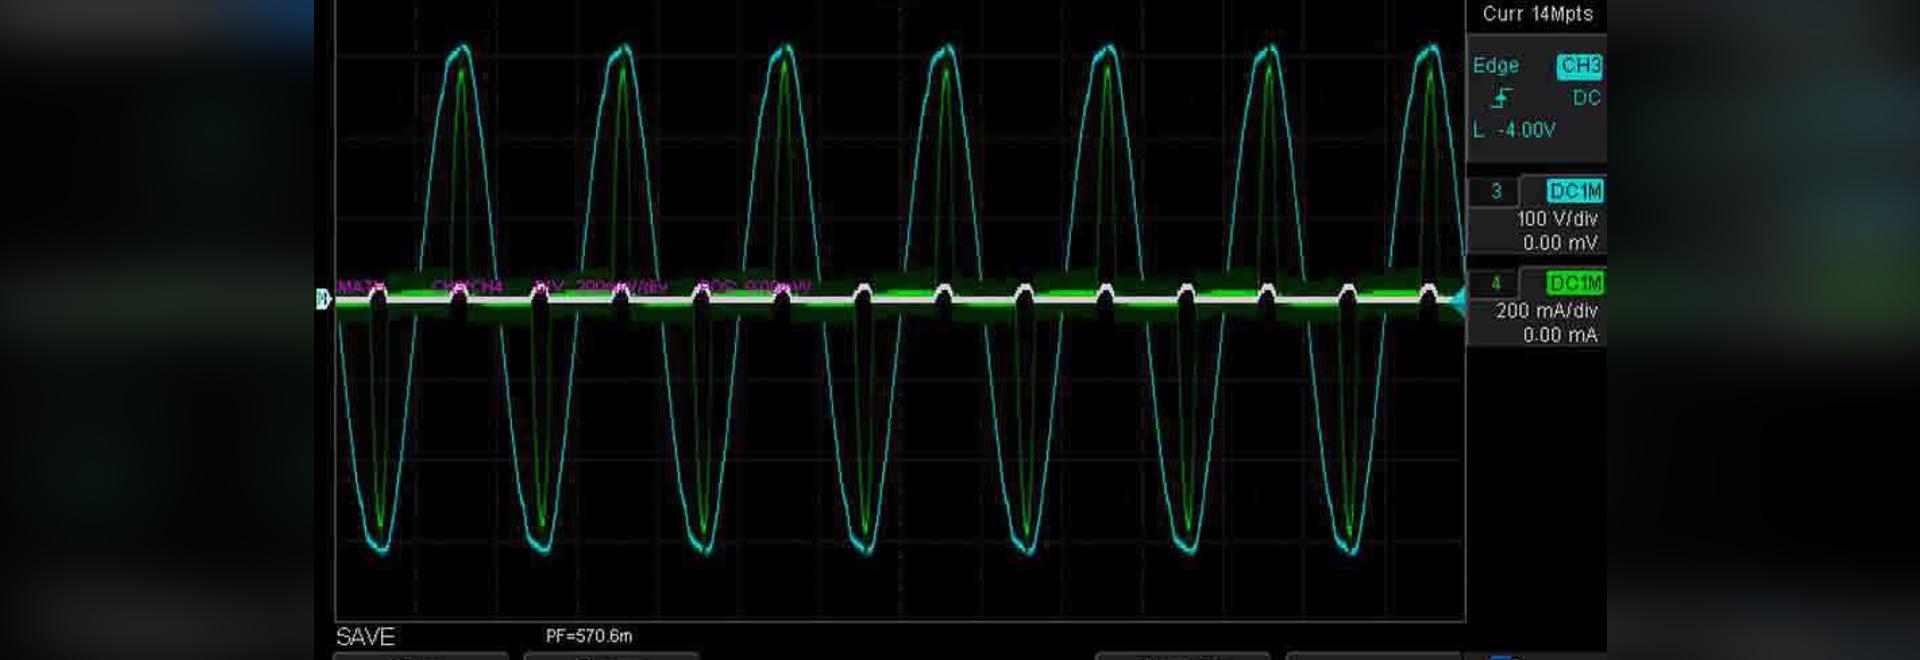 SIGLENT: Die Prüfung und die Analyse von Schaltnetzteilen